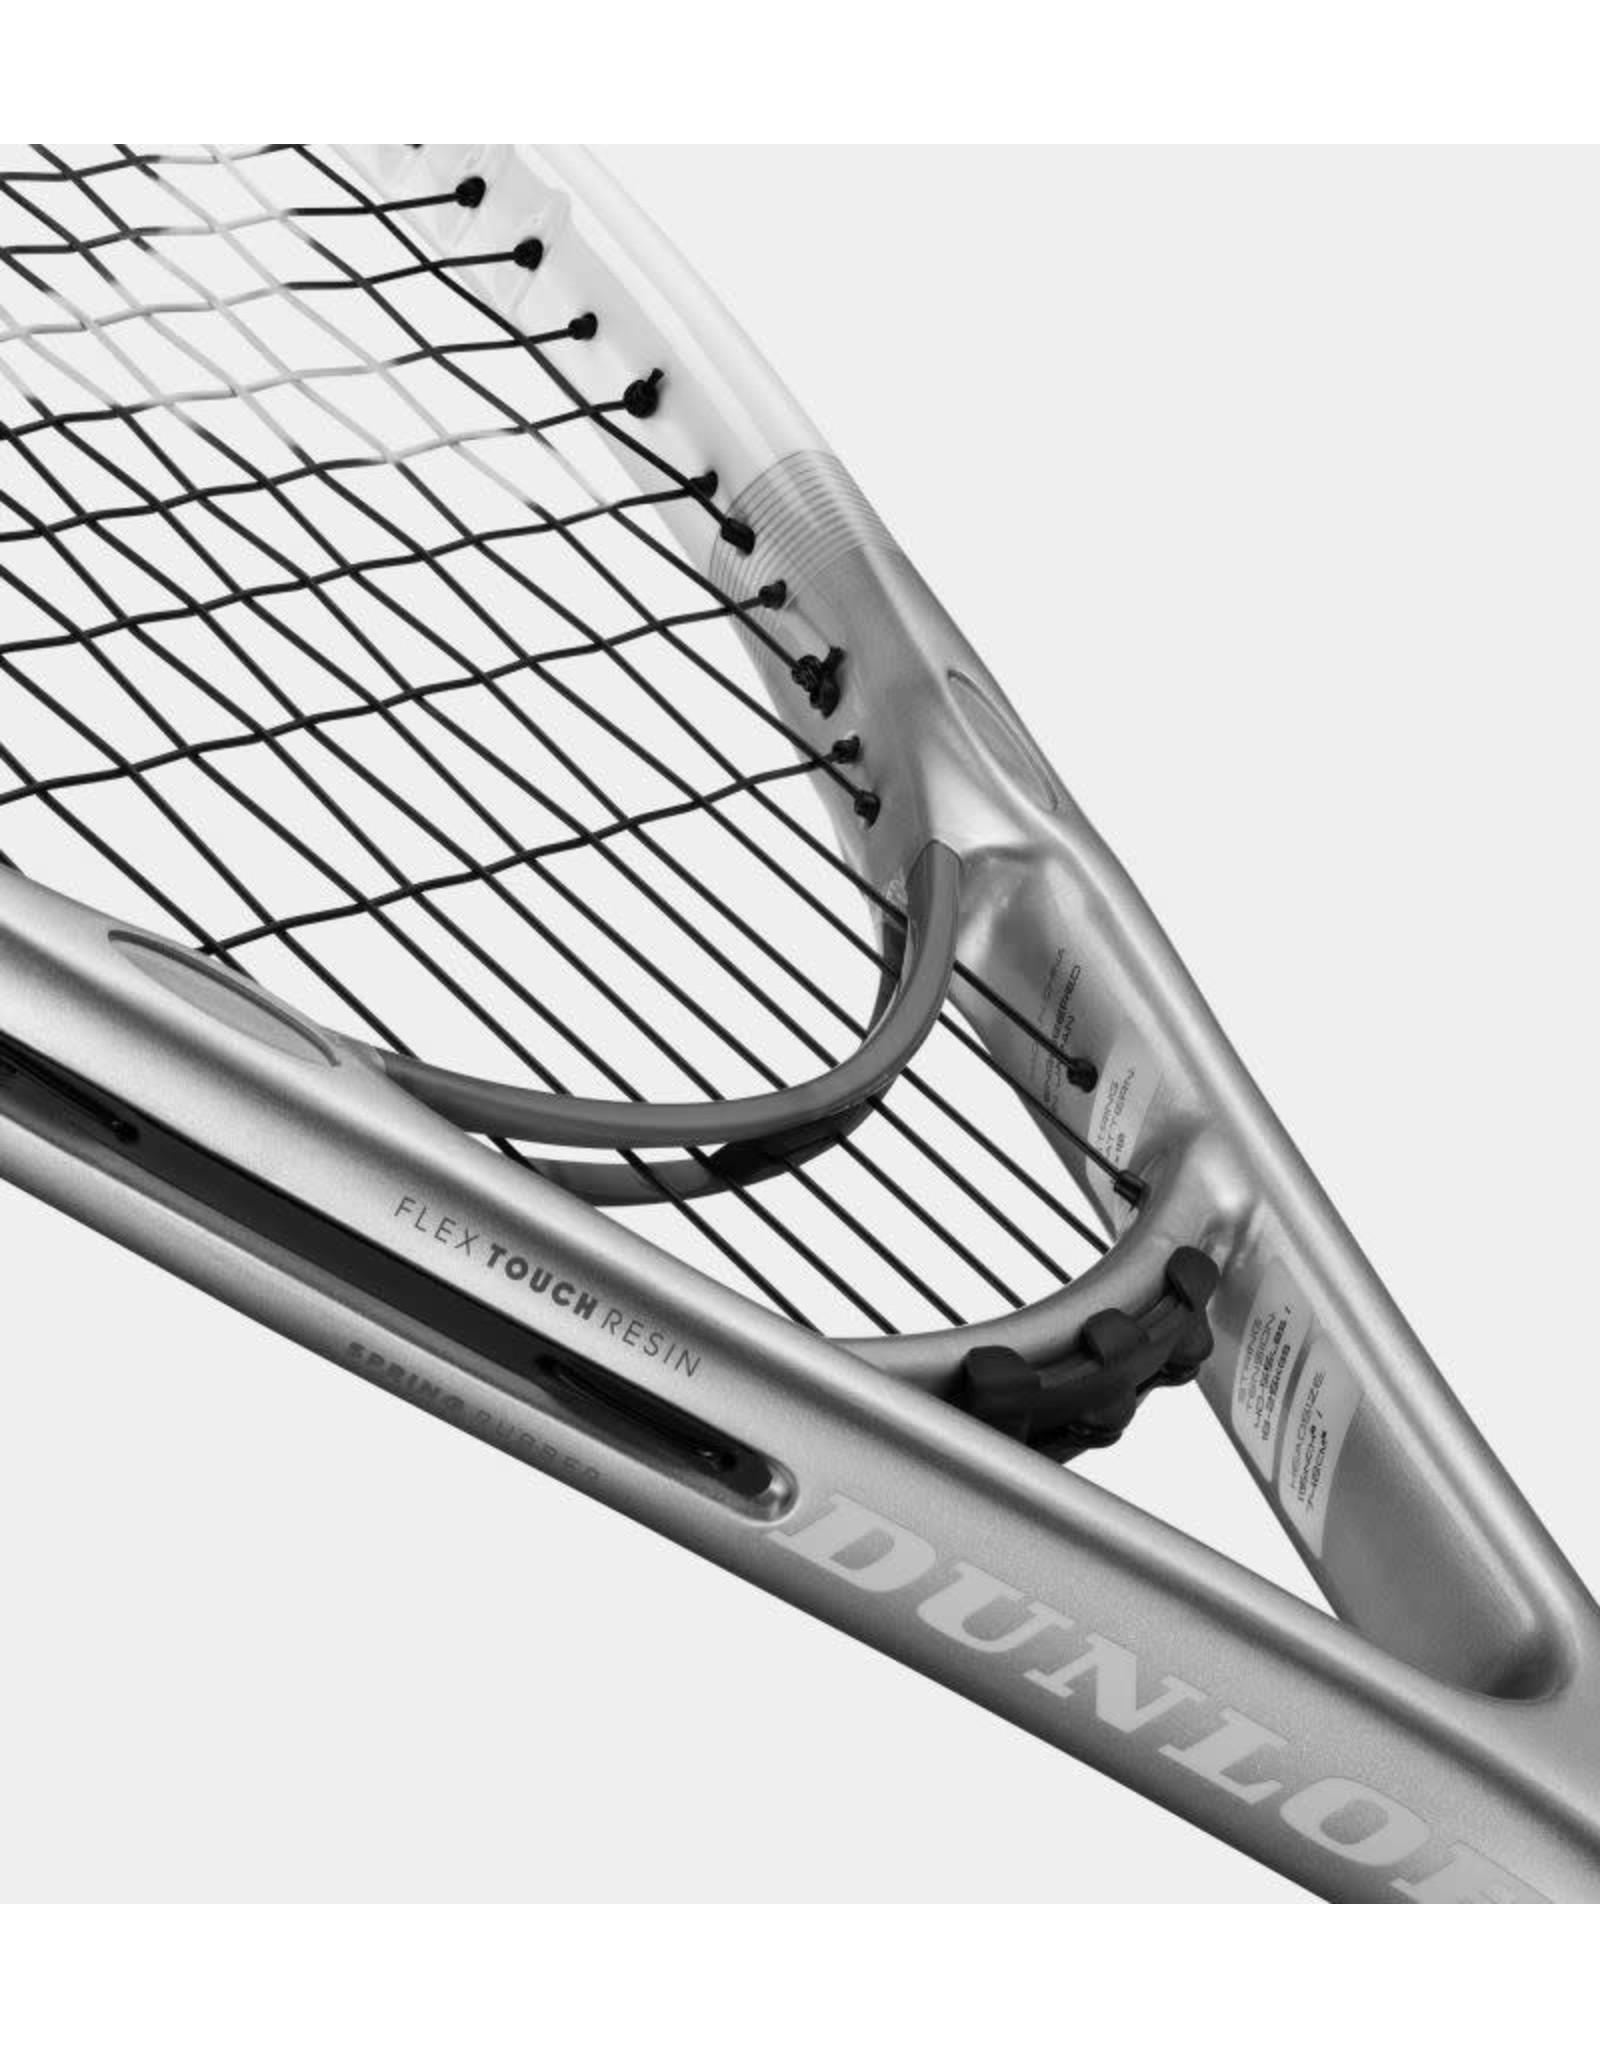 Dunlop Dunlop LX 1000 Tennis Racquet